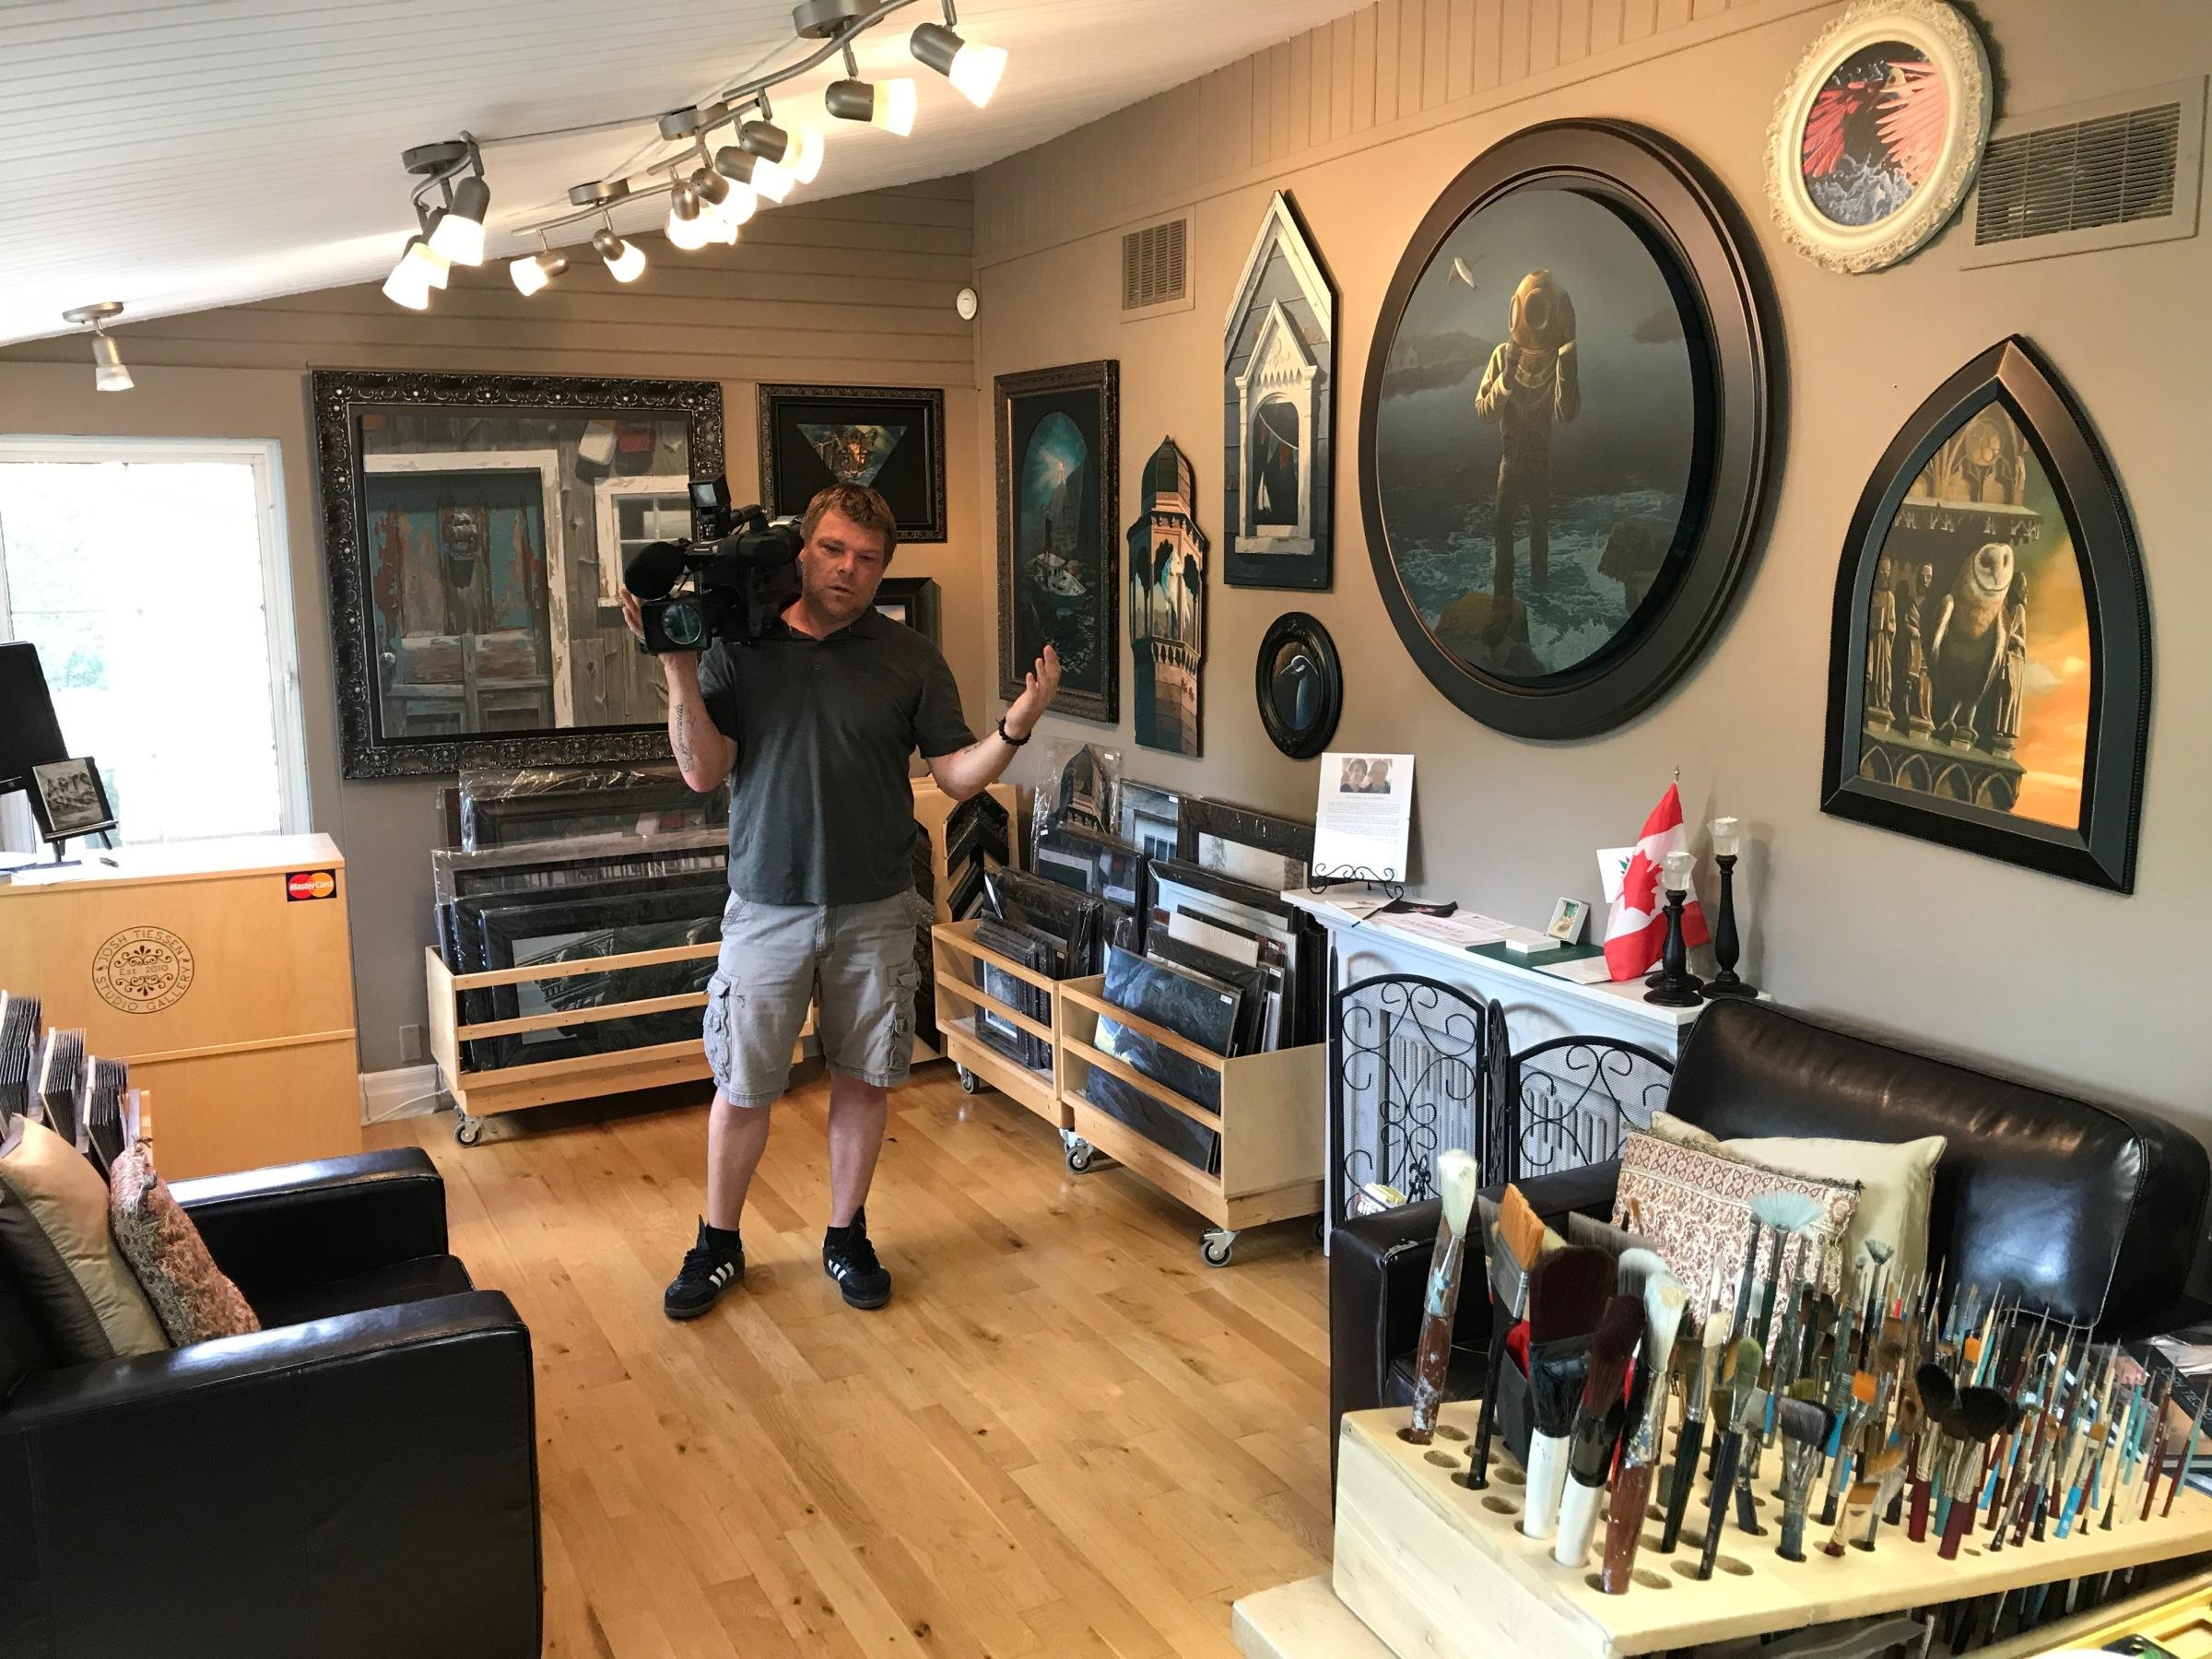 James Filming-Josh Tiessen